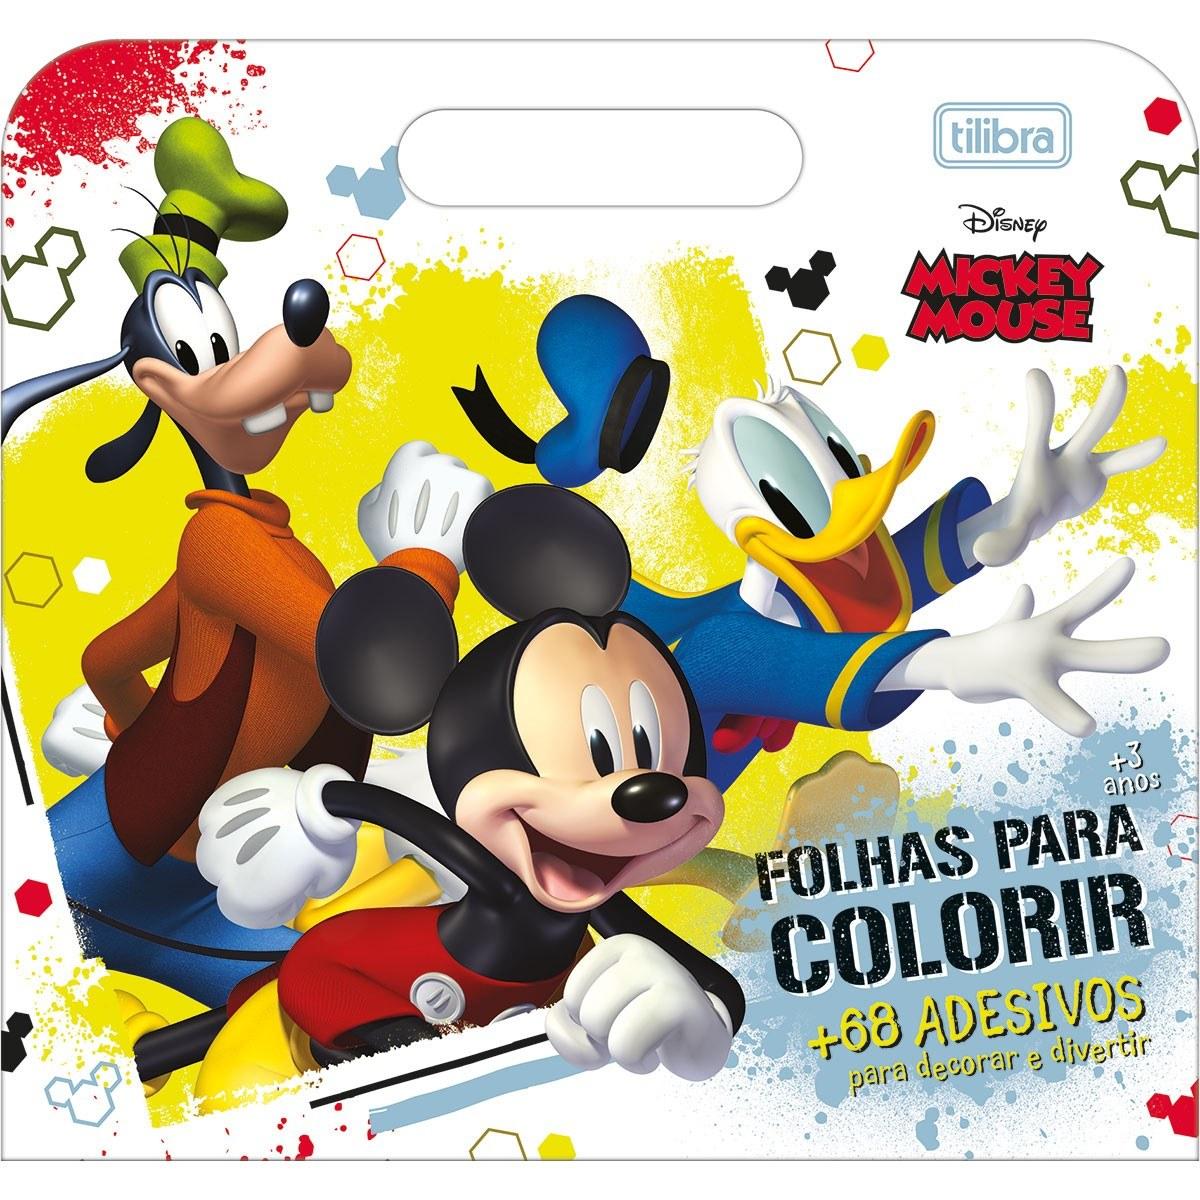 Folhas P/ Colorir Maleta 8fls + 68 Adesivos - Tilibra